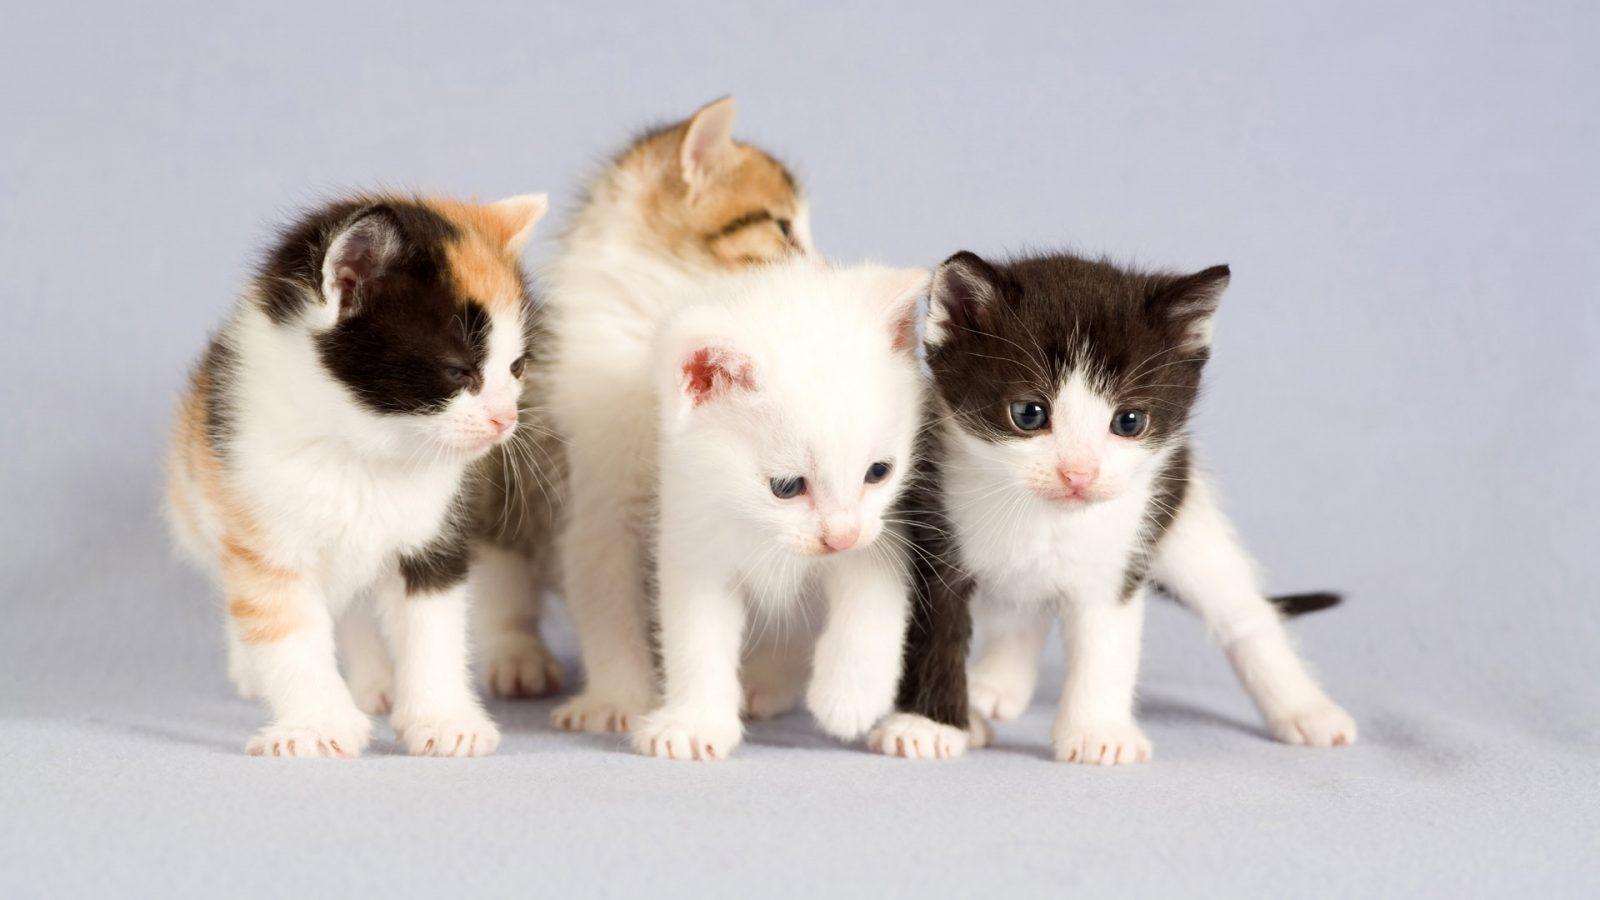 صور انواع قطط مختلفة ومعلومات عن حياة القطط 10